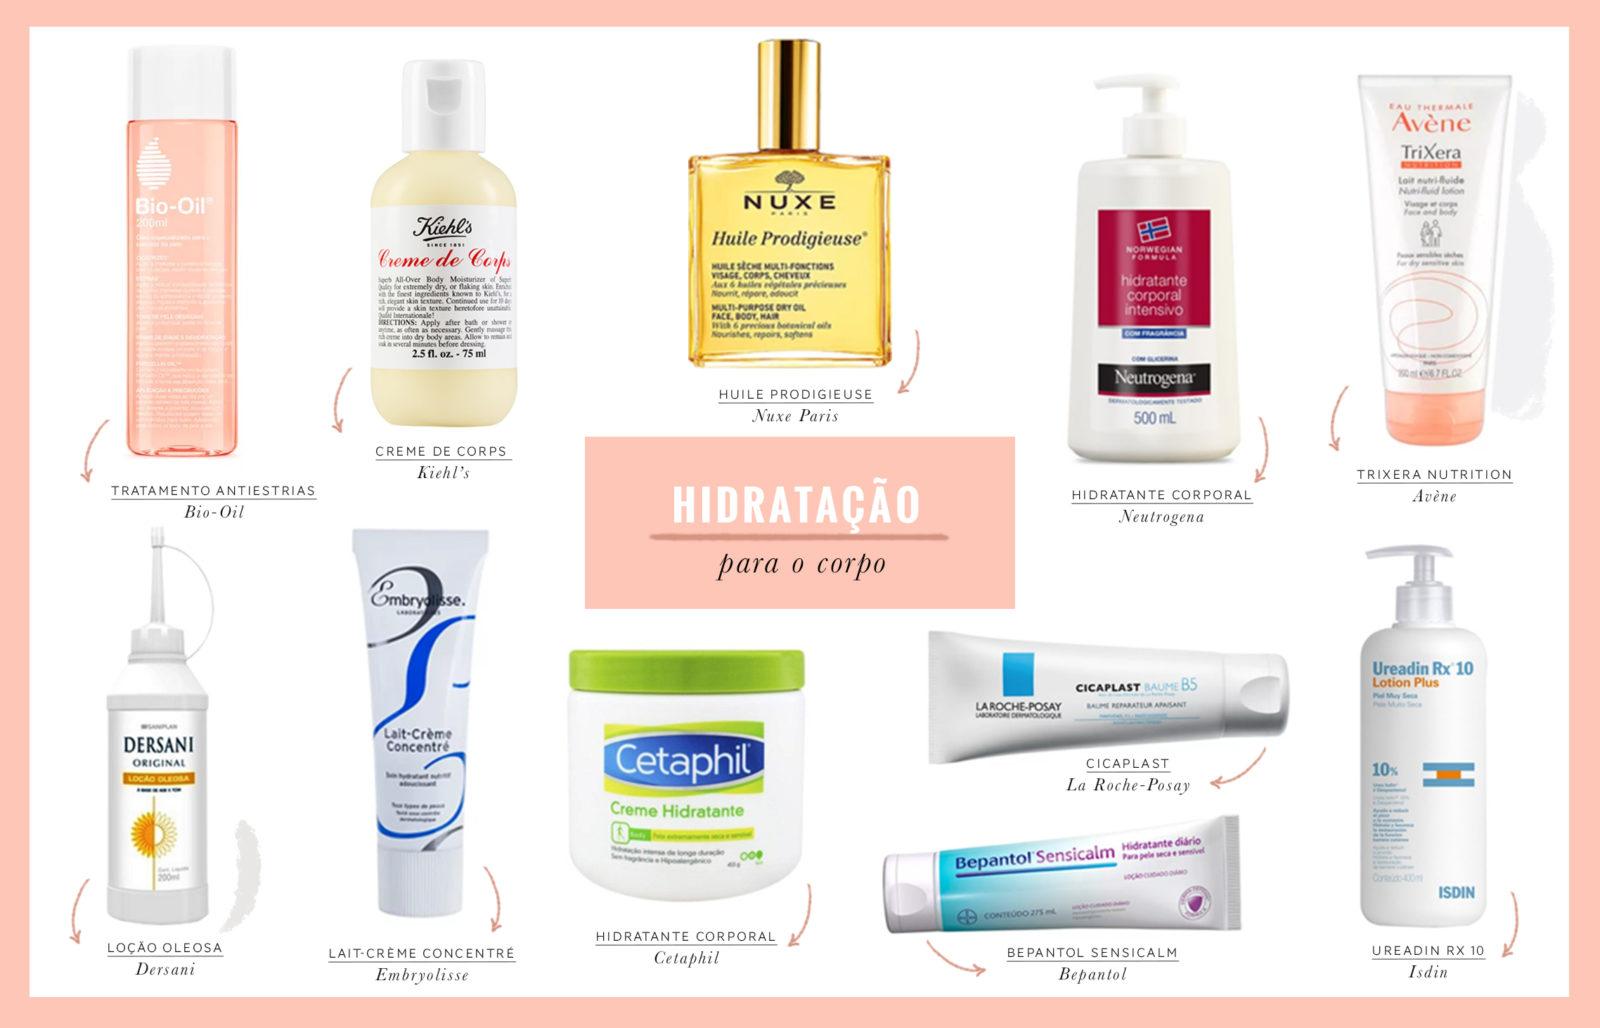 os melhores produtos para hidratar corpo e rosto